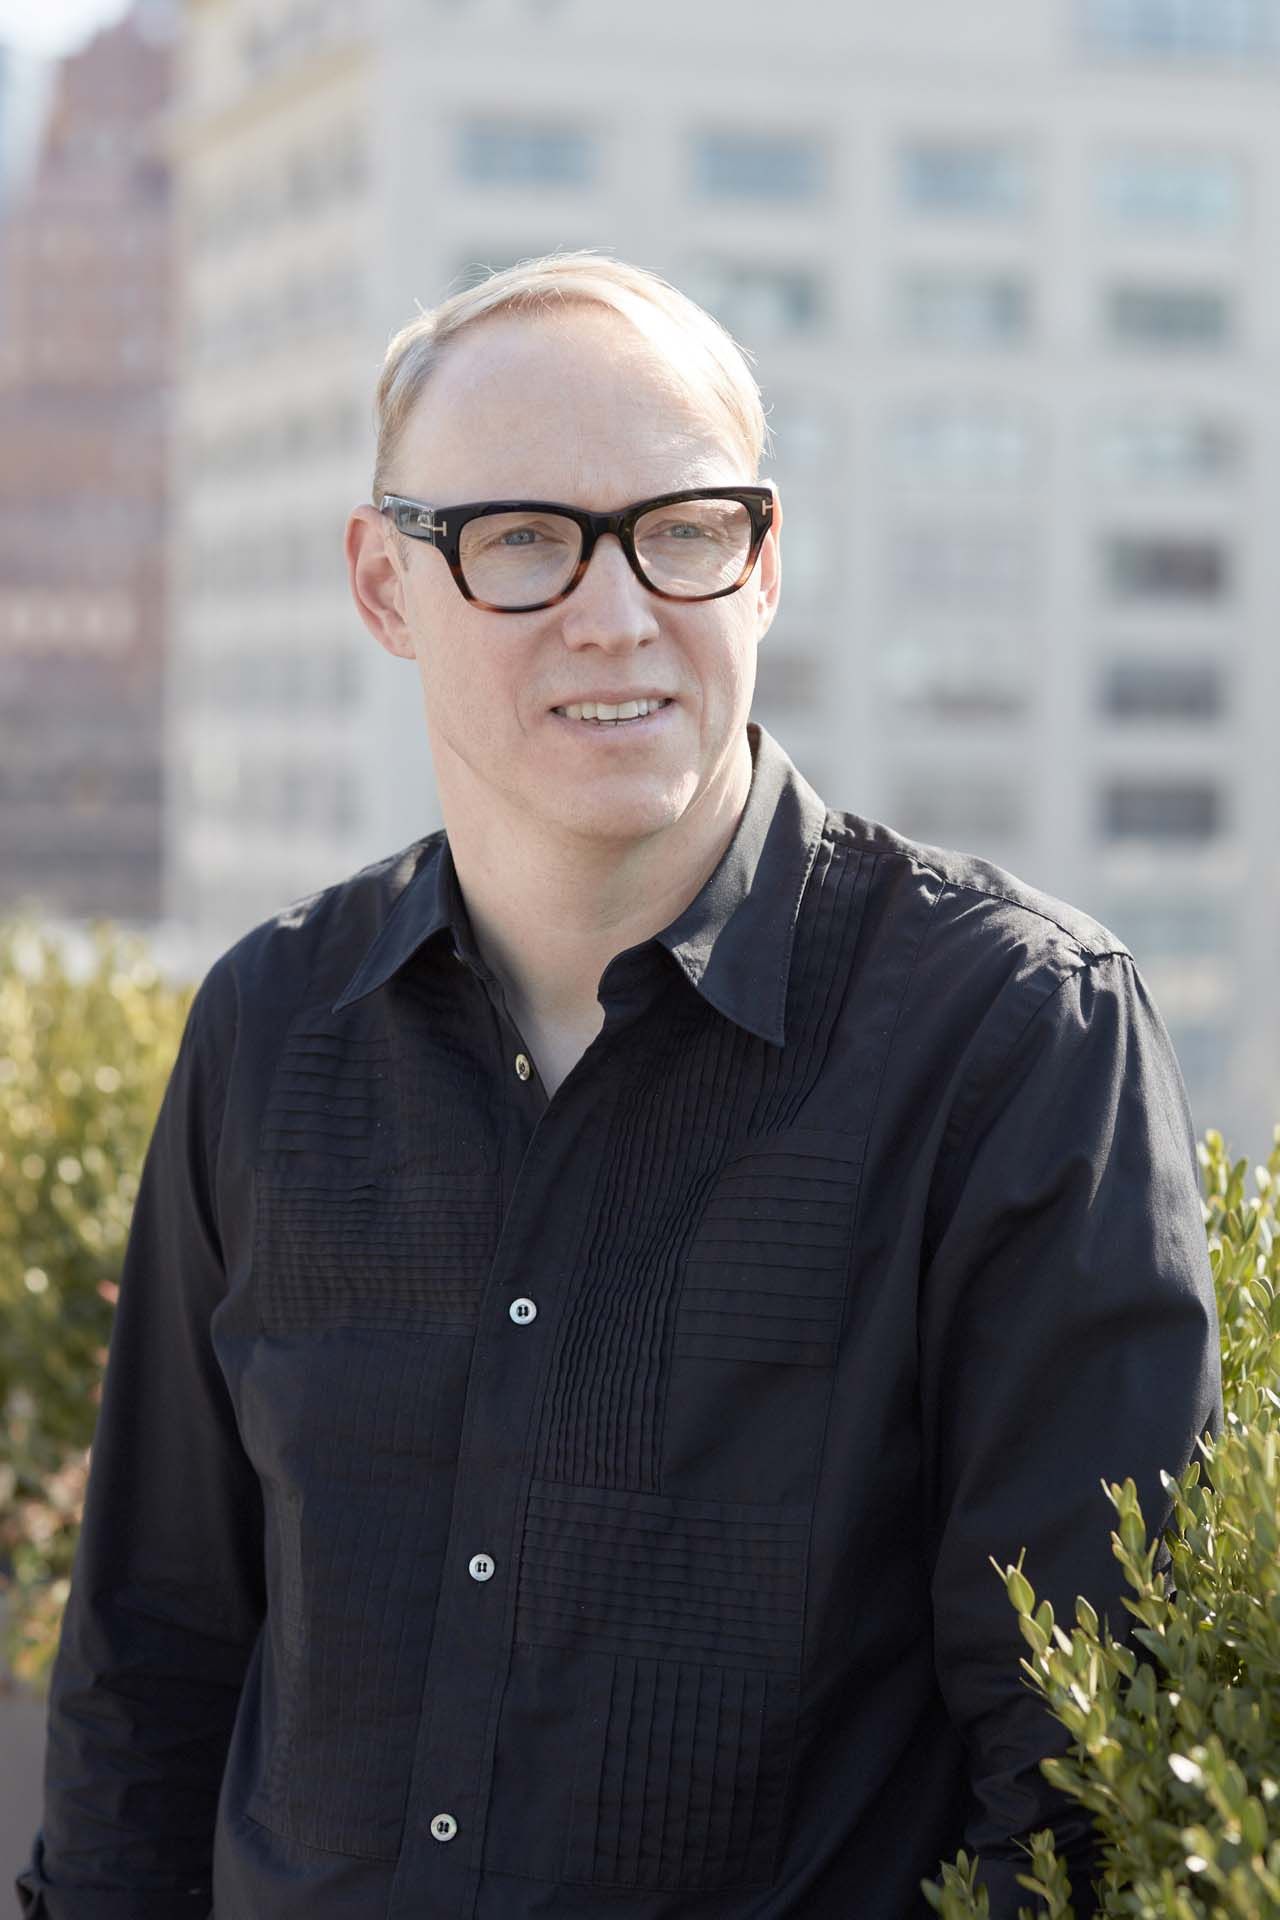 Michael Petry